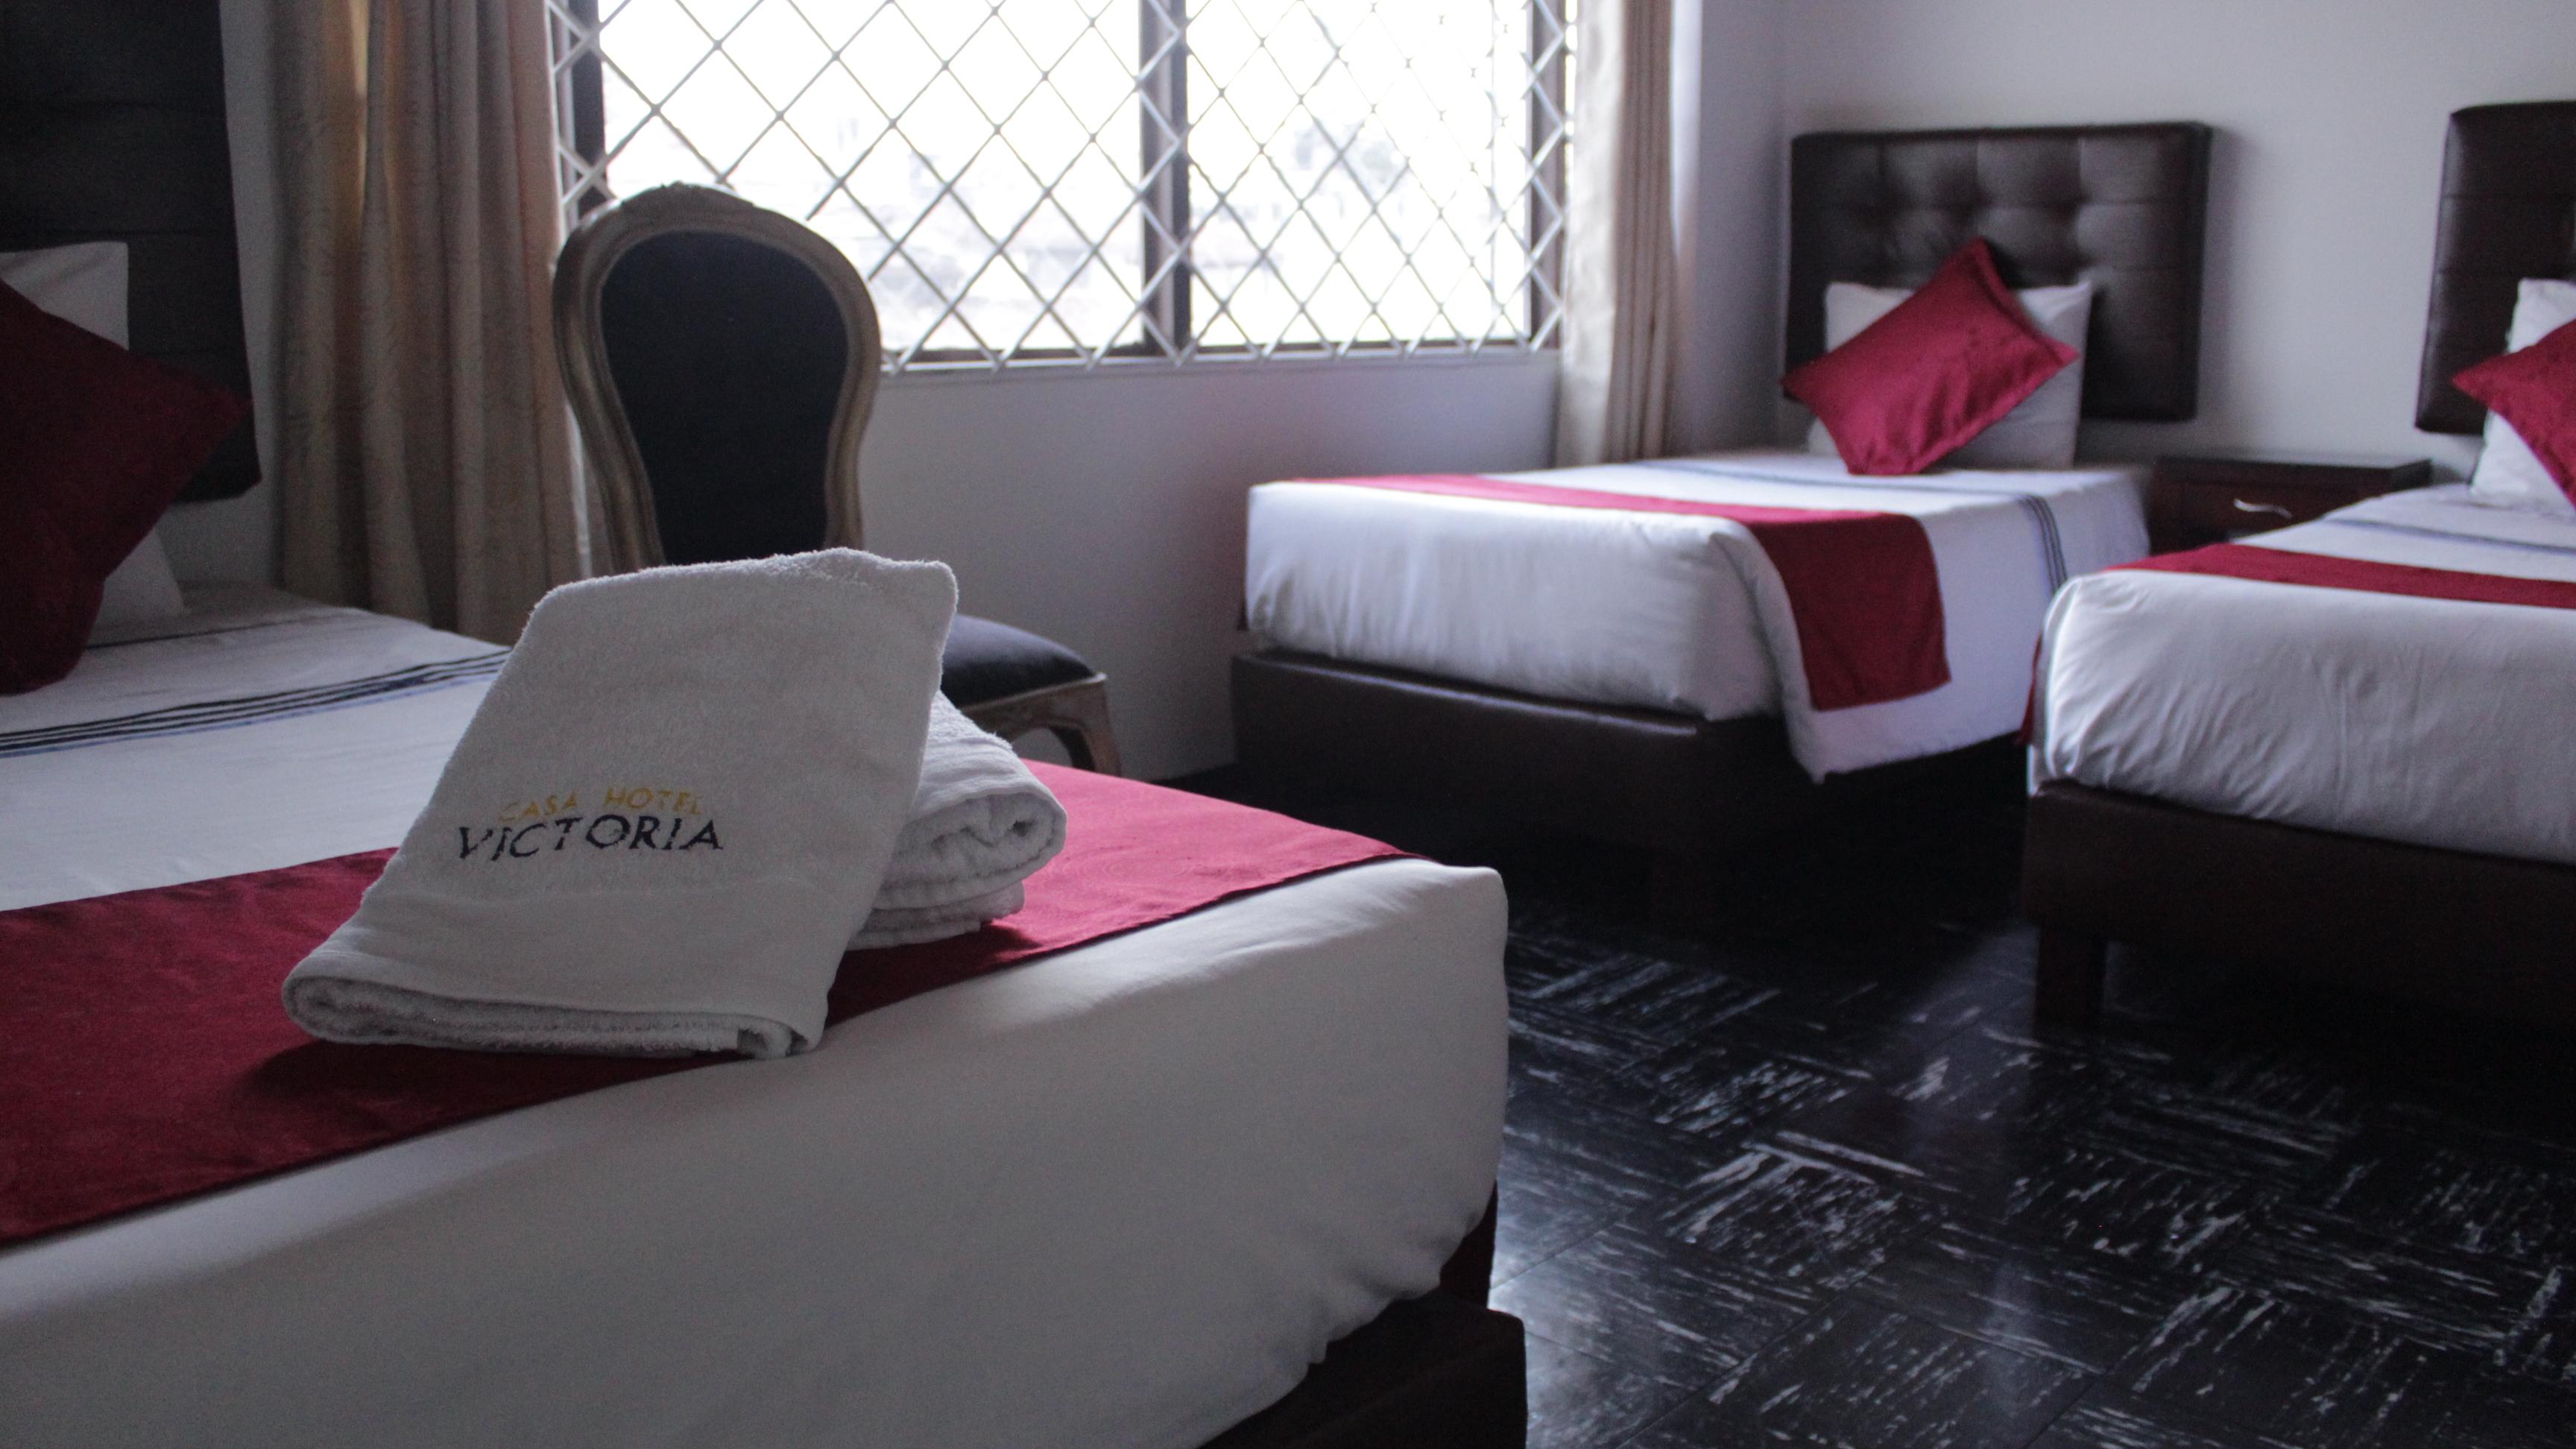 Hotel cerca de uniminuto el mejor precio de la zona mf casa hotel victoria bogota - Hotel casa victoria suites ...